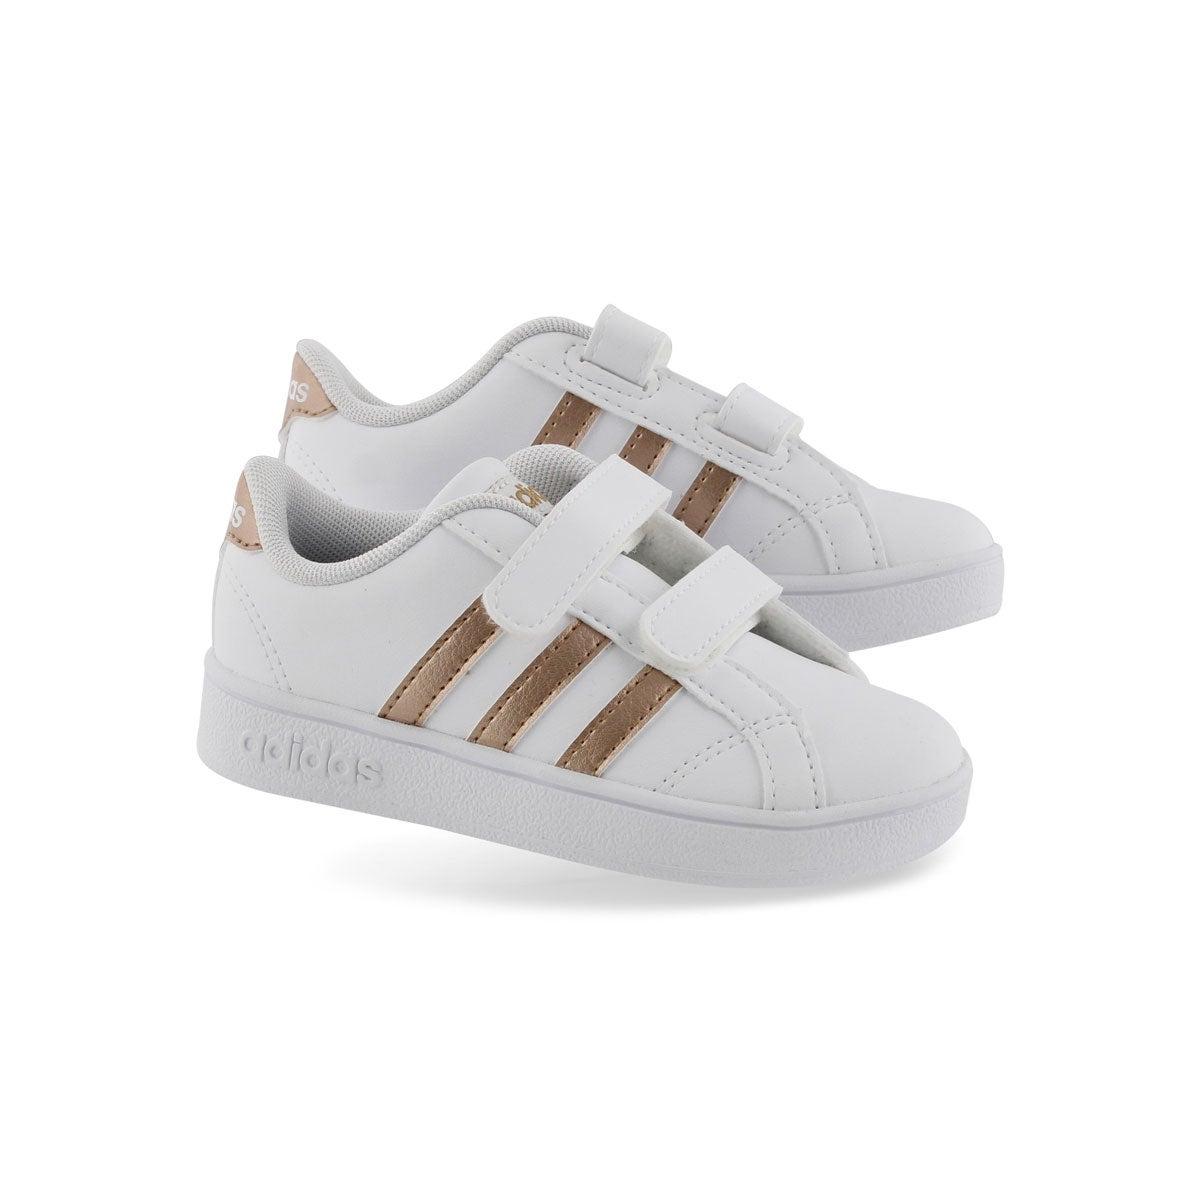 Inf Baseline CMF wht/copper sneaker